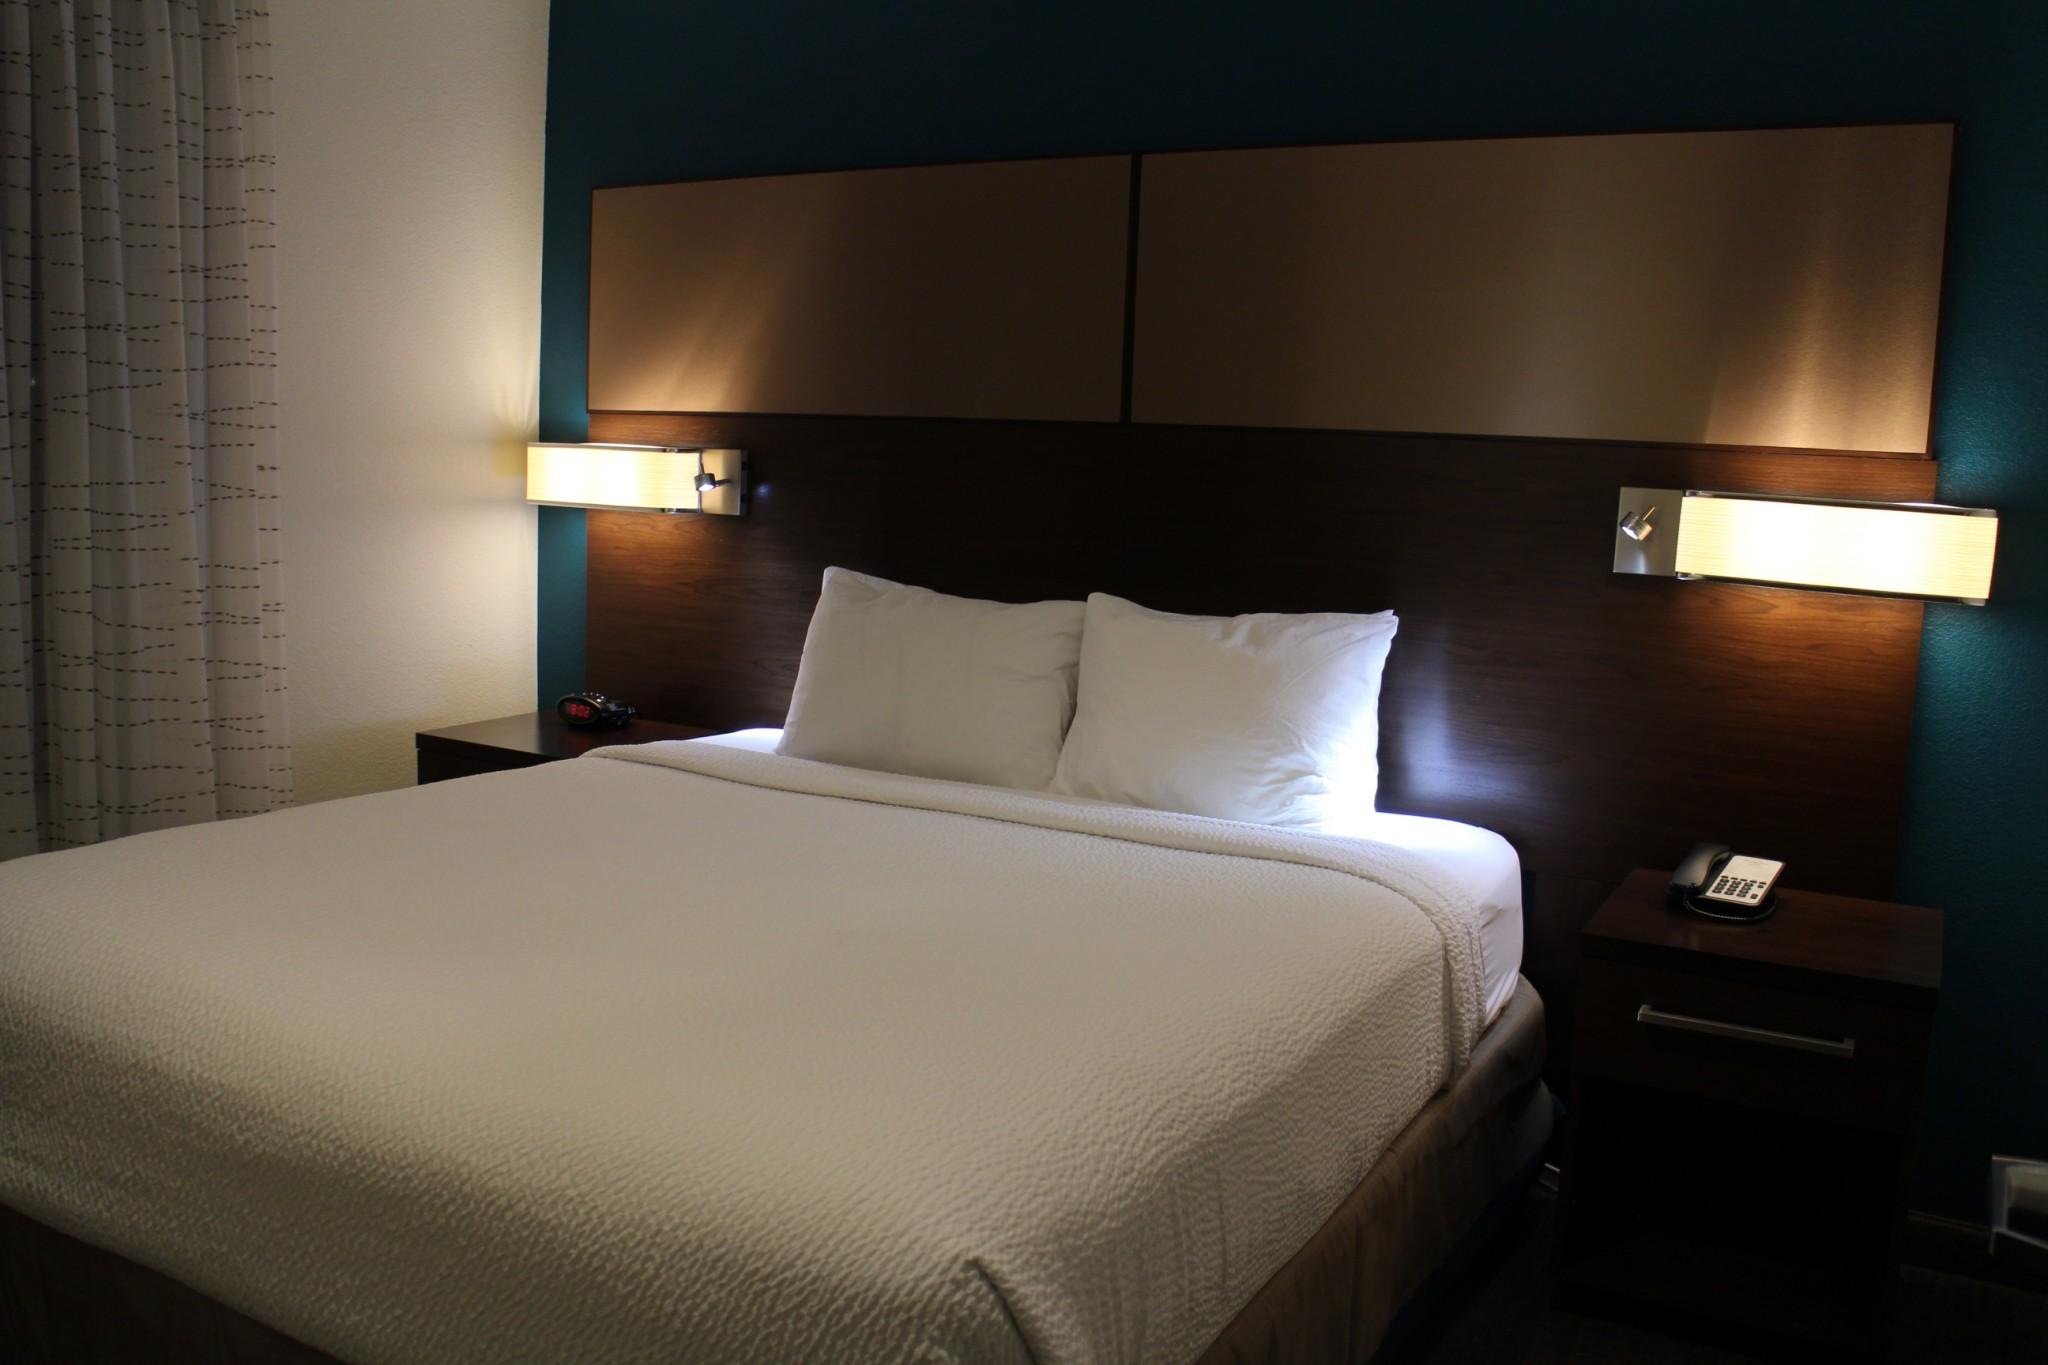 Residence Inn Redondo Beach bedroom